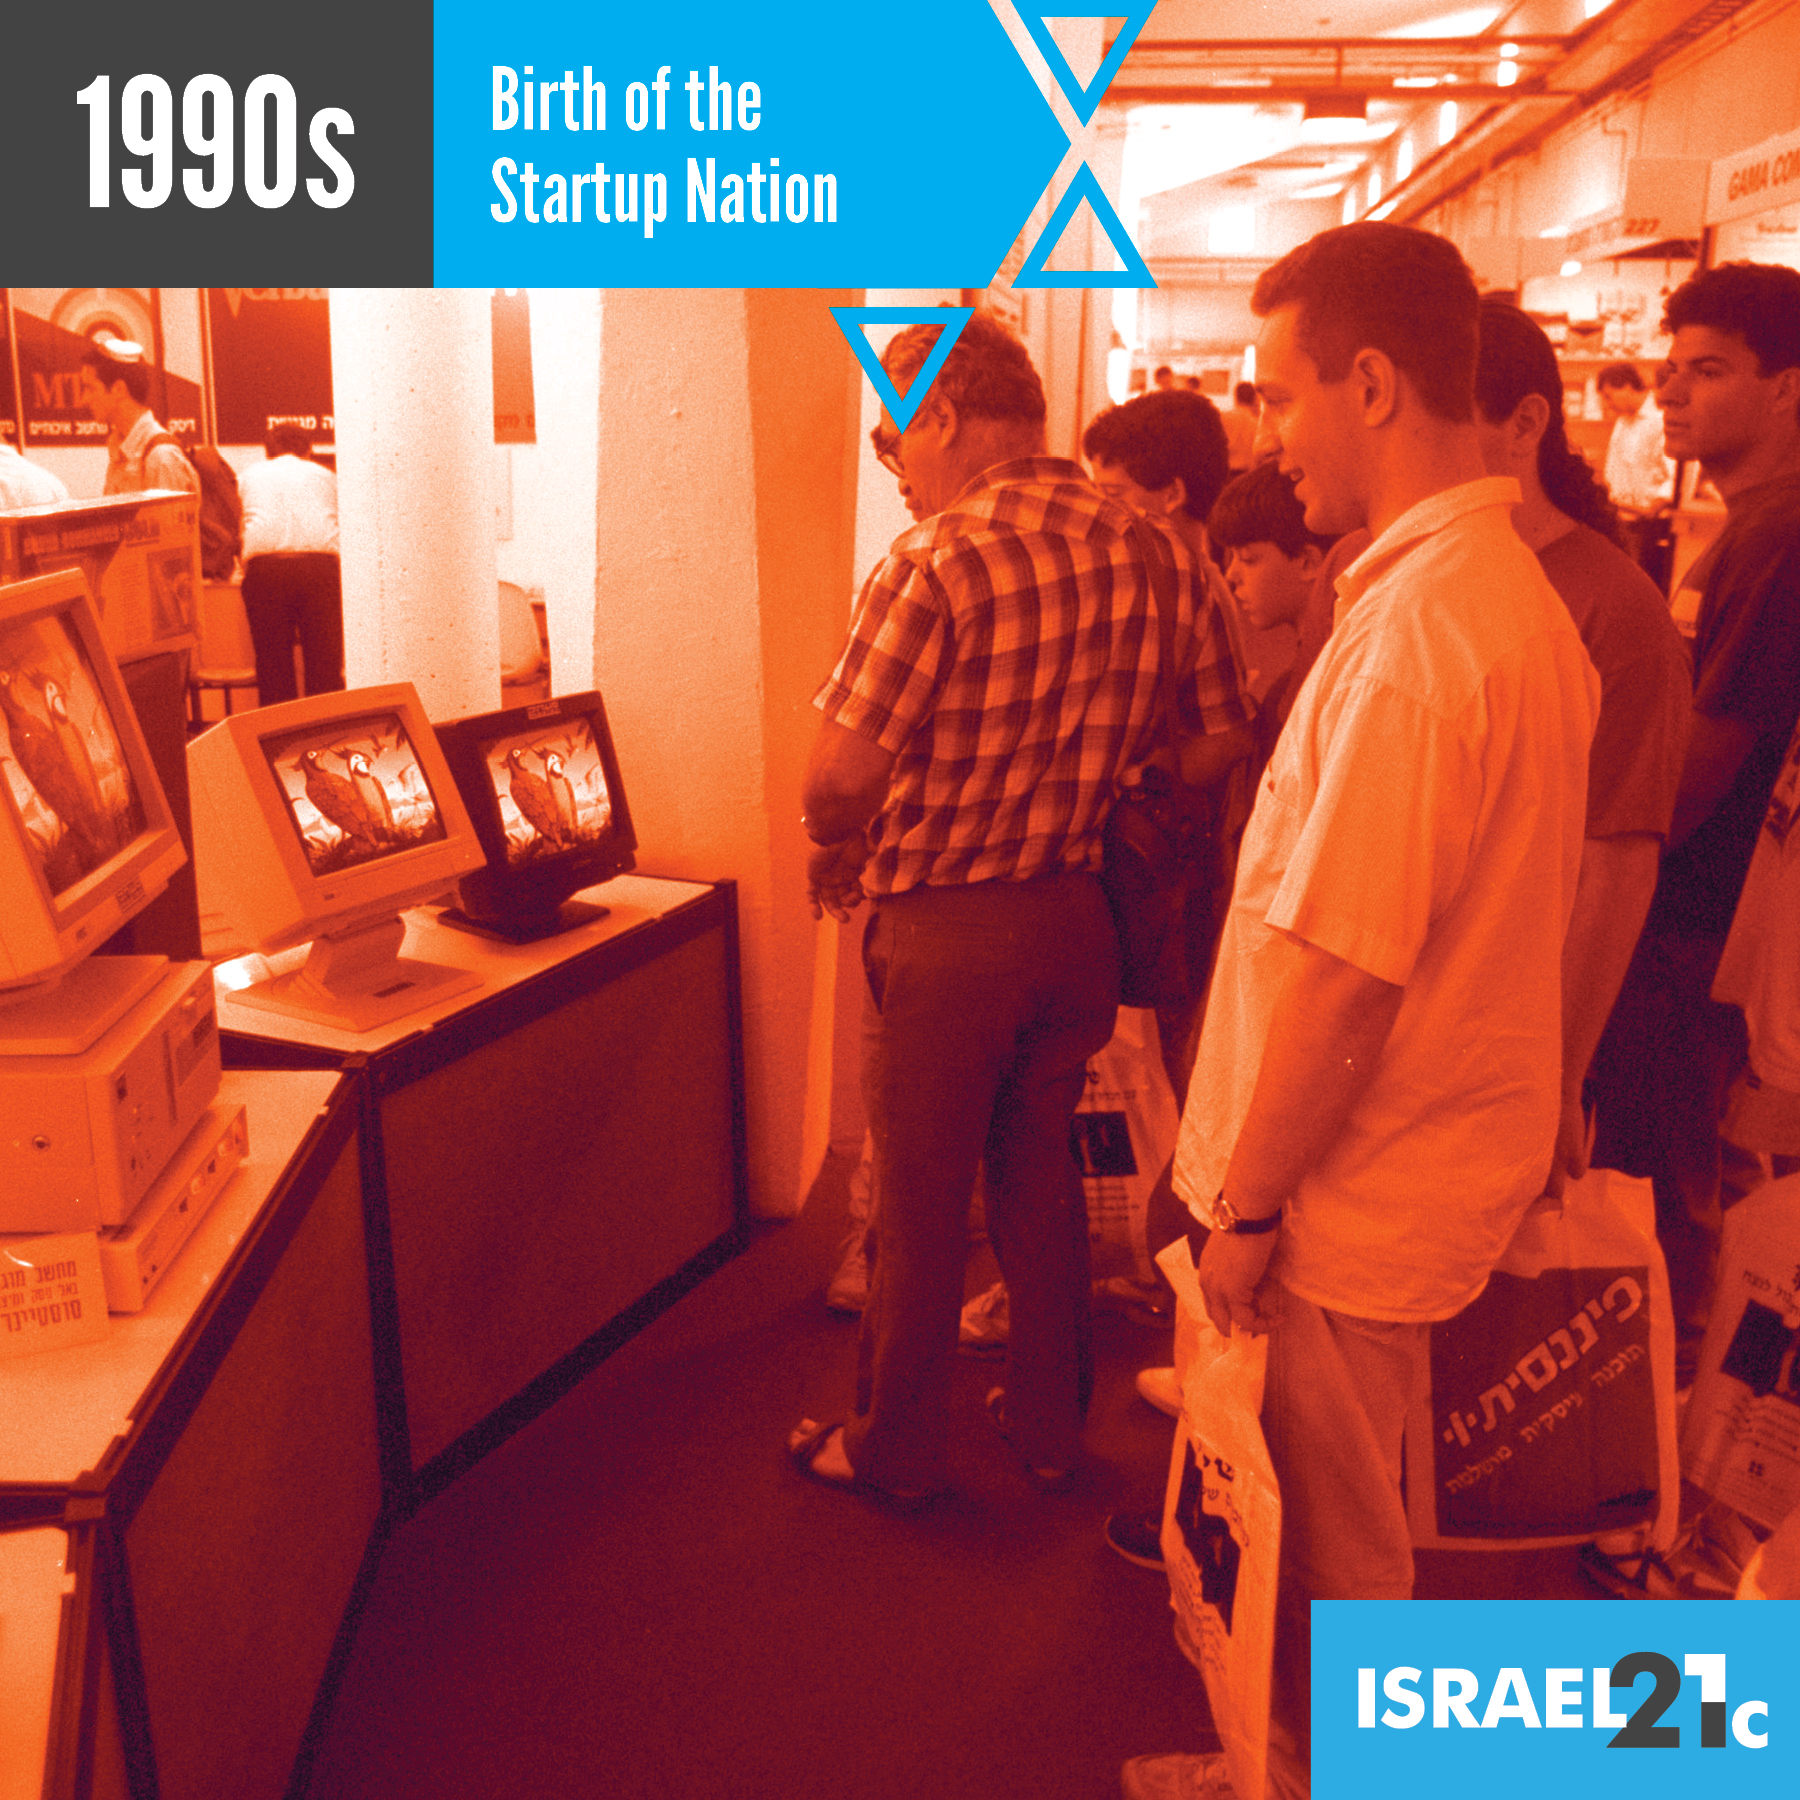 21c-israel70-slides-web9.jpg